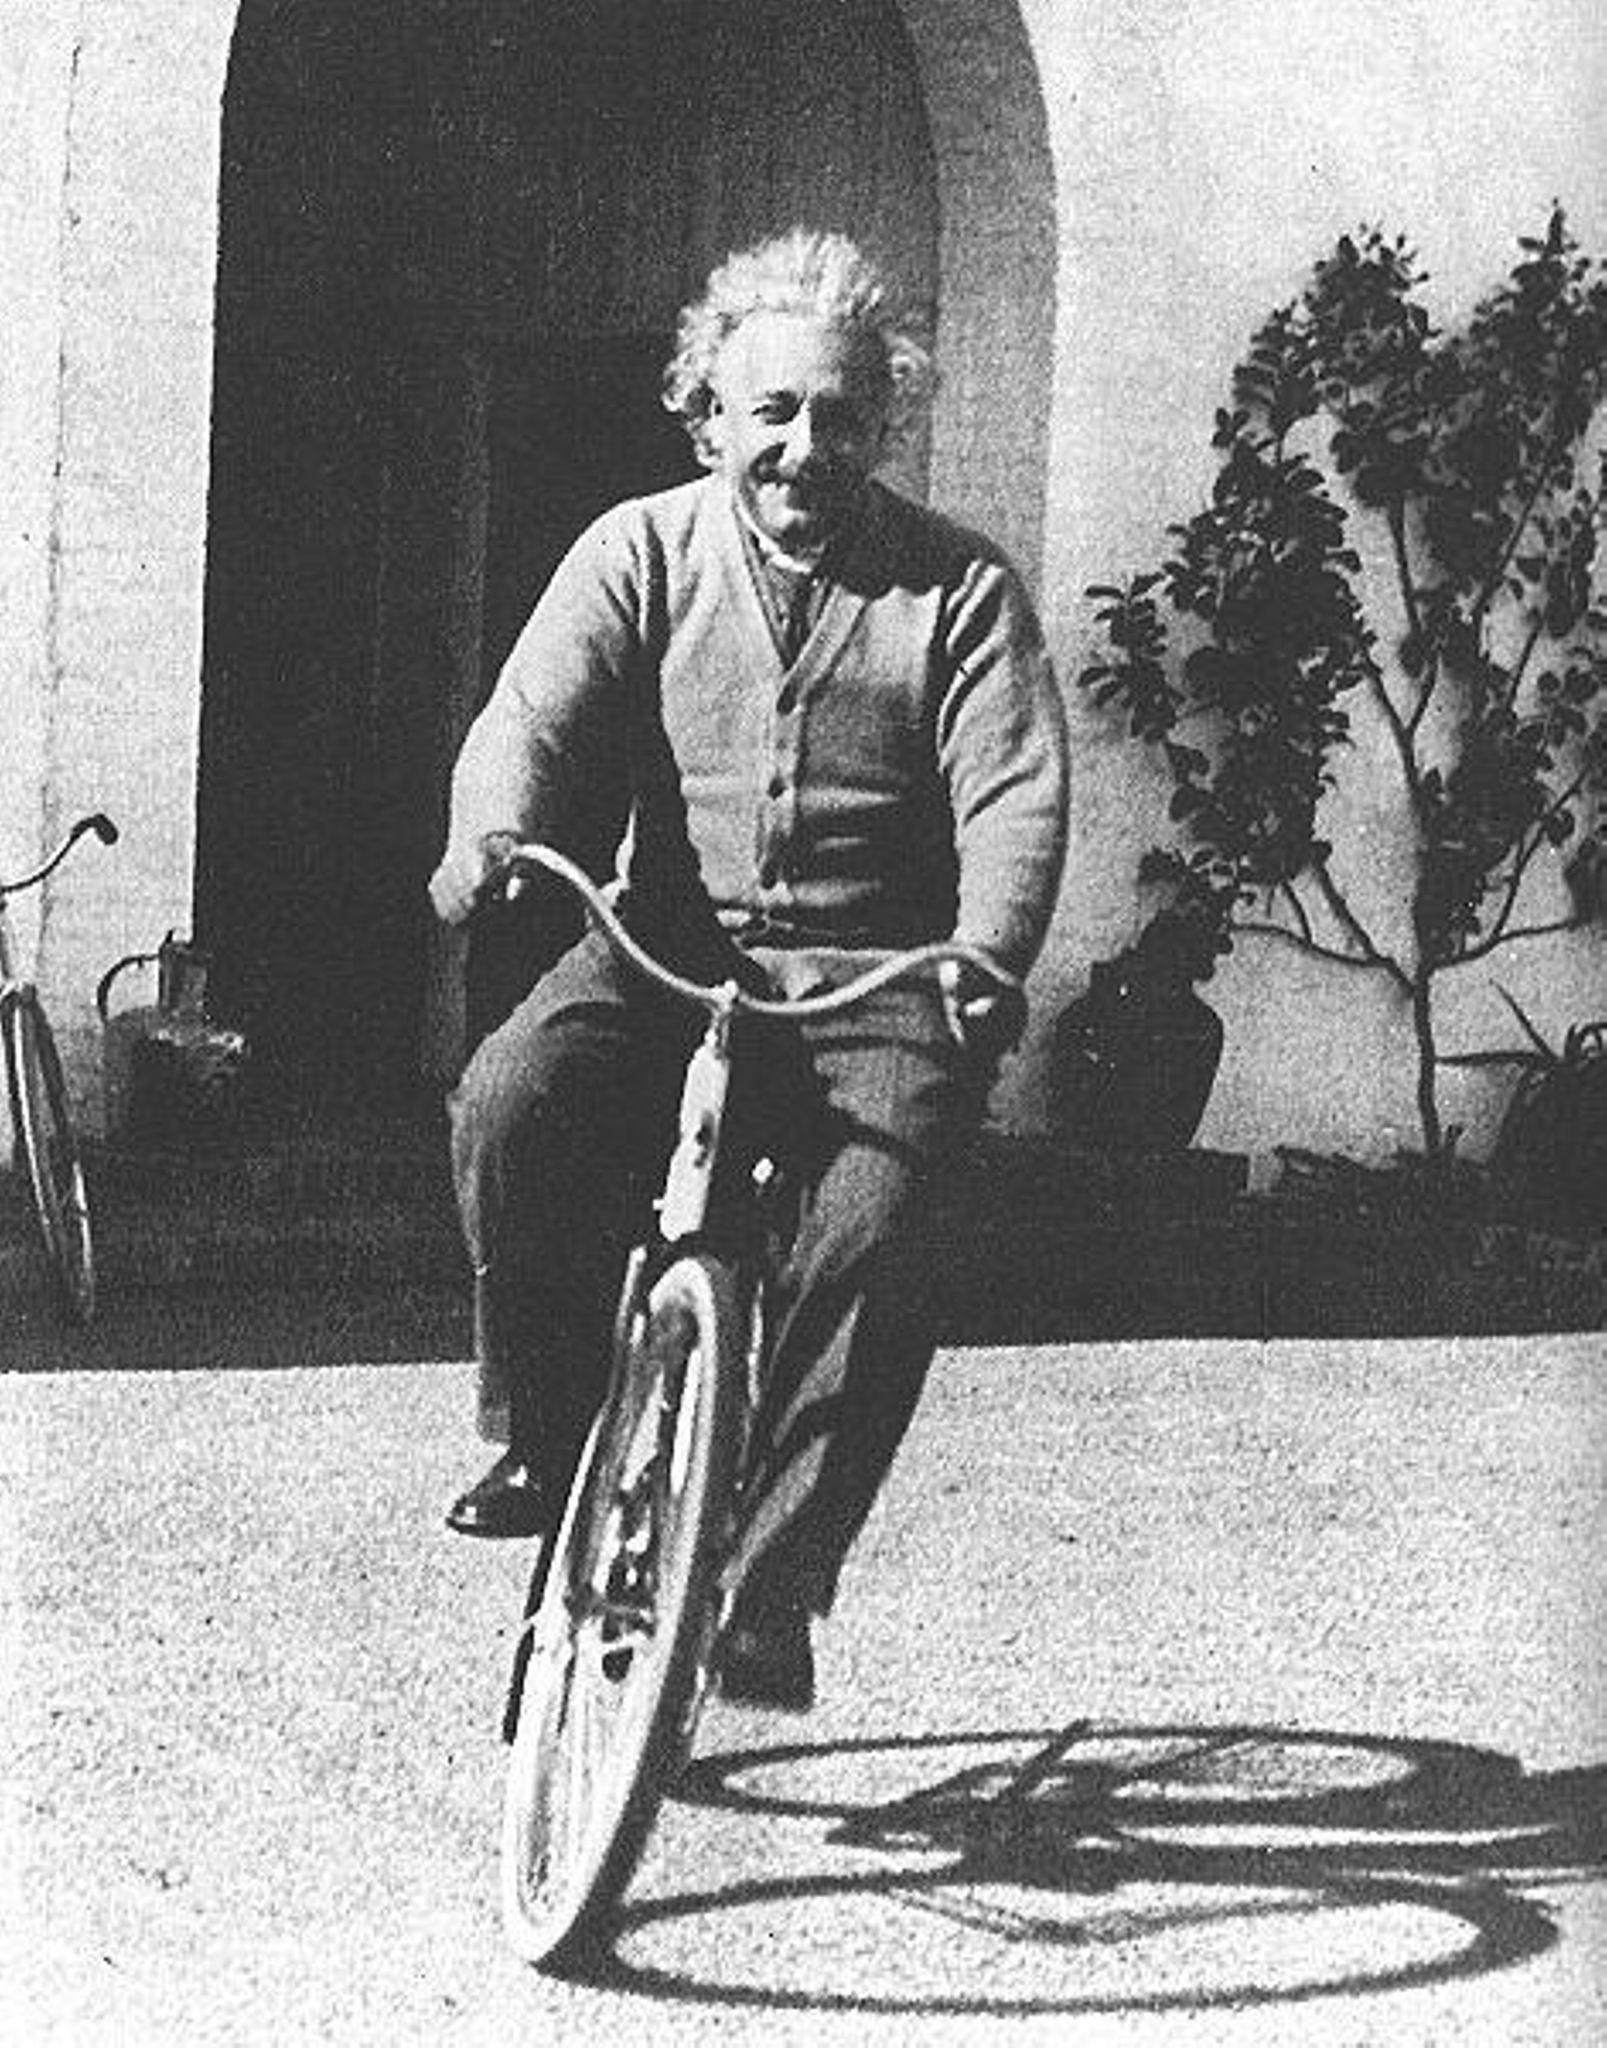 Ezt a képet Ben Meyer, a California Institute of Technology alkalmazottja készítette 1933. február 6-án Santa Barbarában.